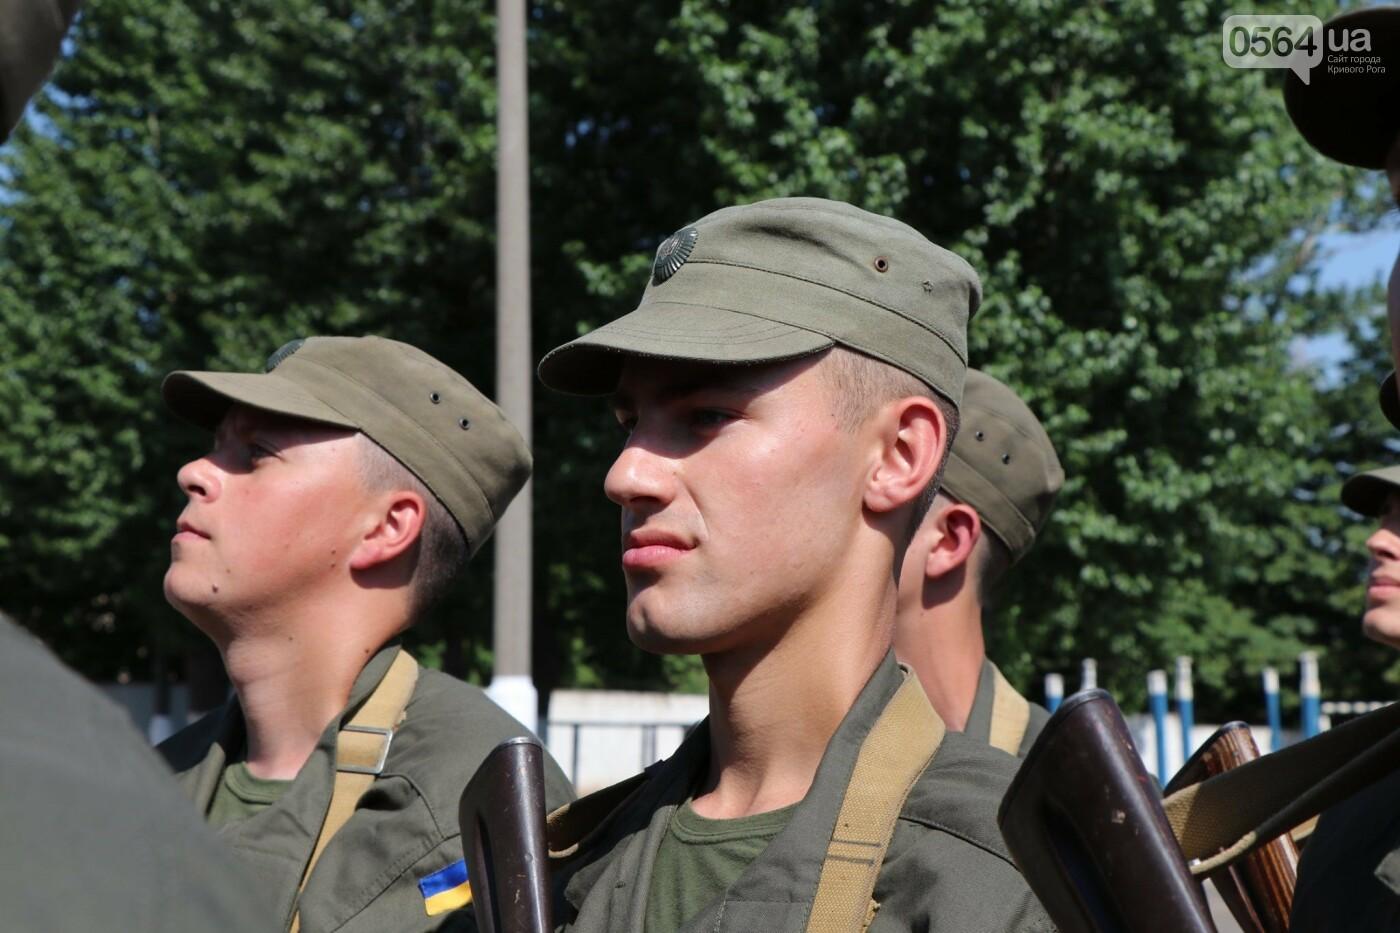 В Кривом Роге 168 нацгвардейцев торжественно приняли присягу на верность украинскому народу, - ФОТО, фото-10